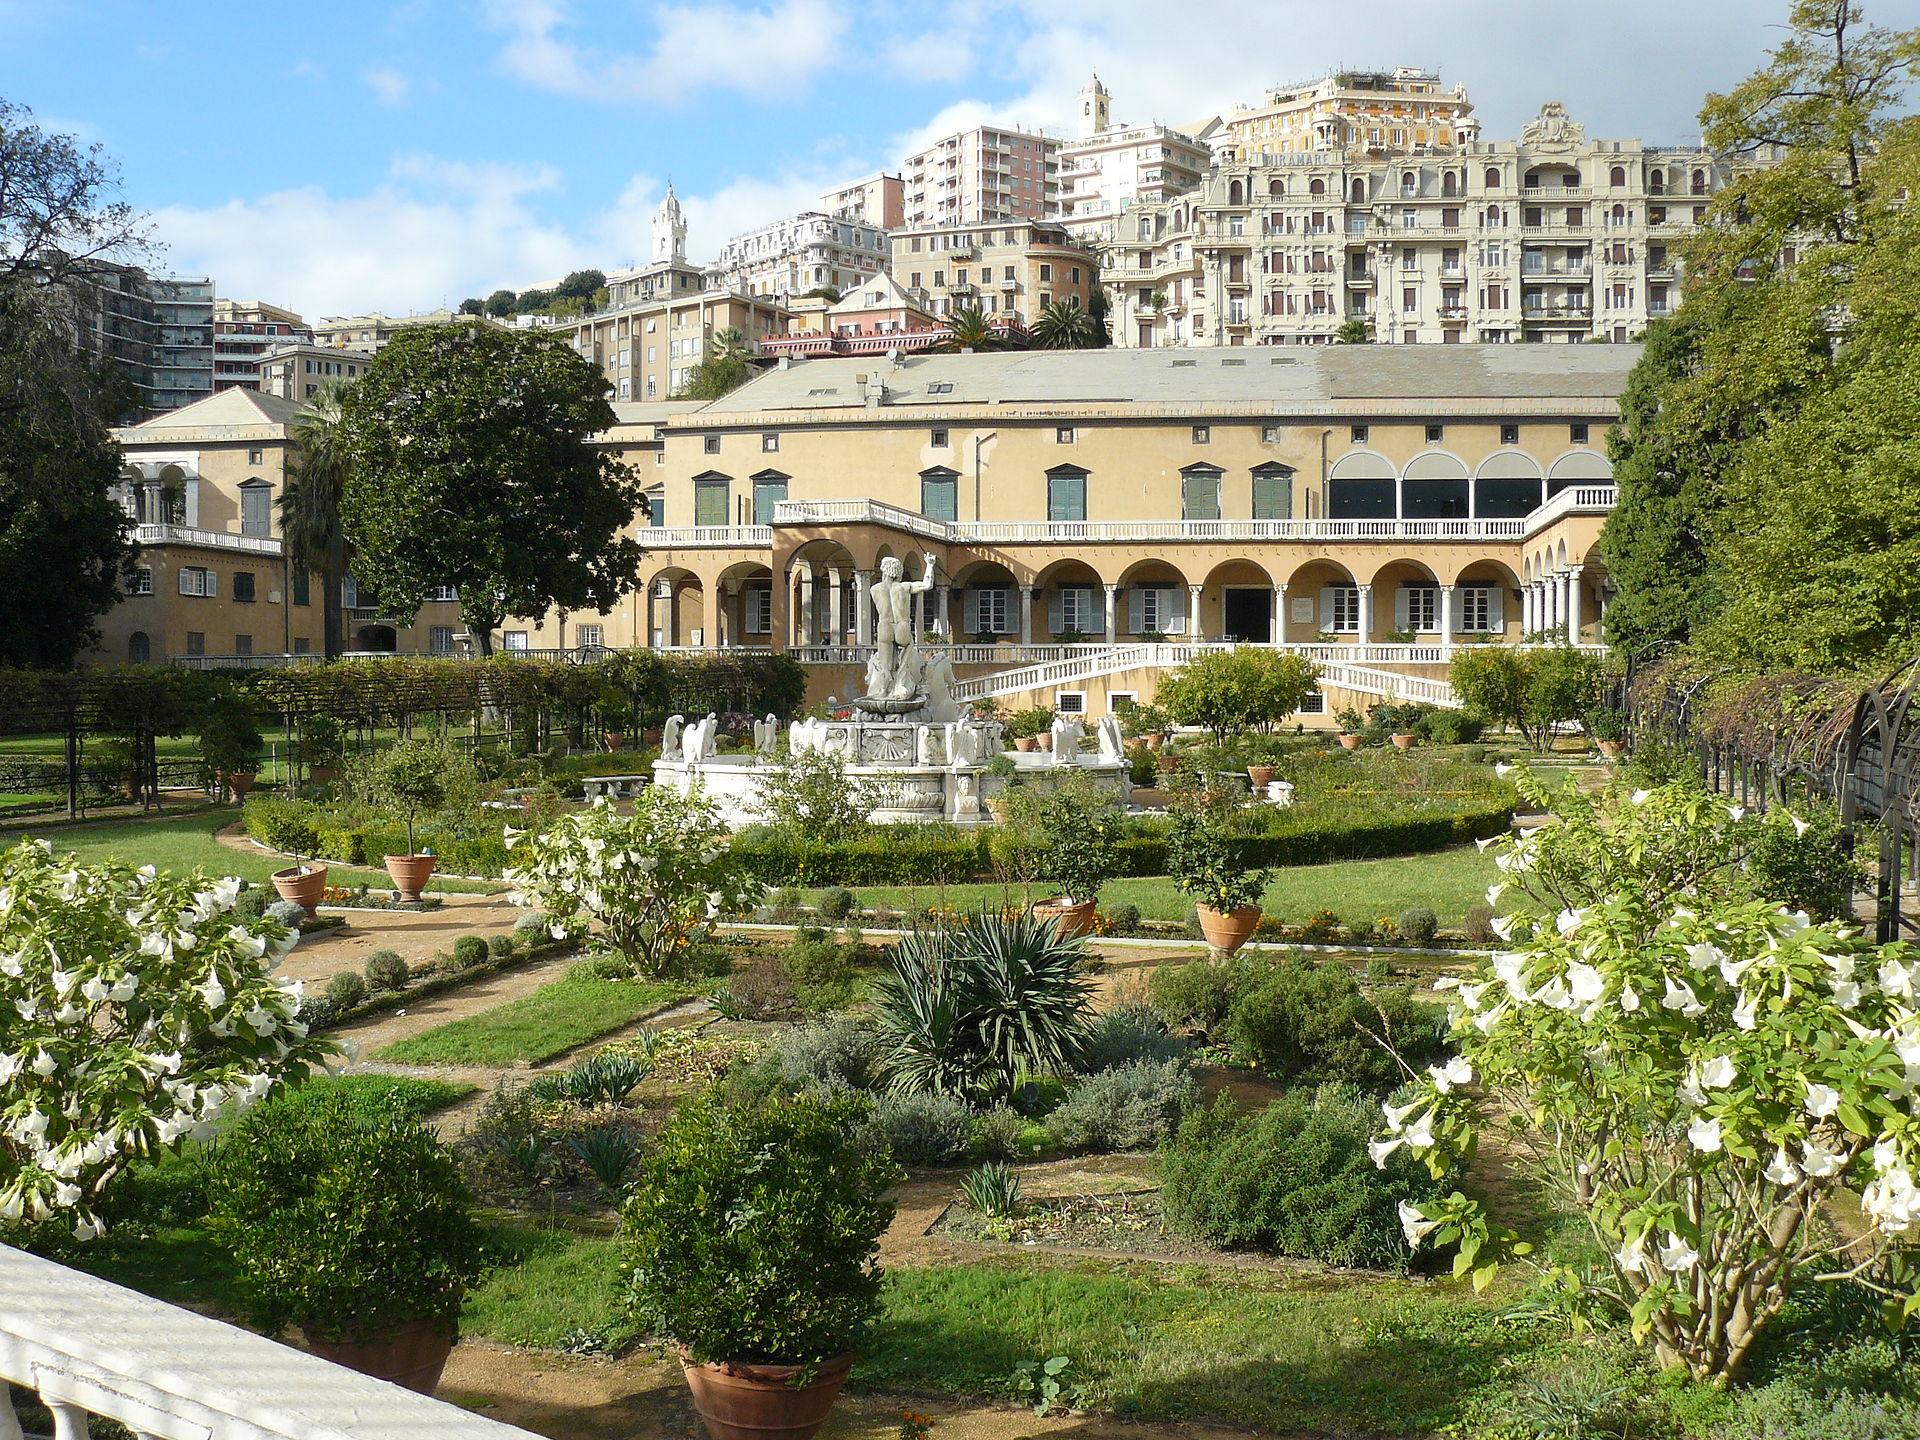 Presentato a Genova il Vademecum per la cura del verde condominiale. Forbici (ASSOFLORO): passaggio storico per migliorare il verde urbano e per valorizzare le imprese del verde che investono su professionalità e sicurezza.